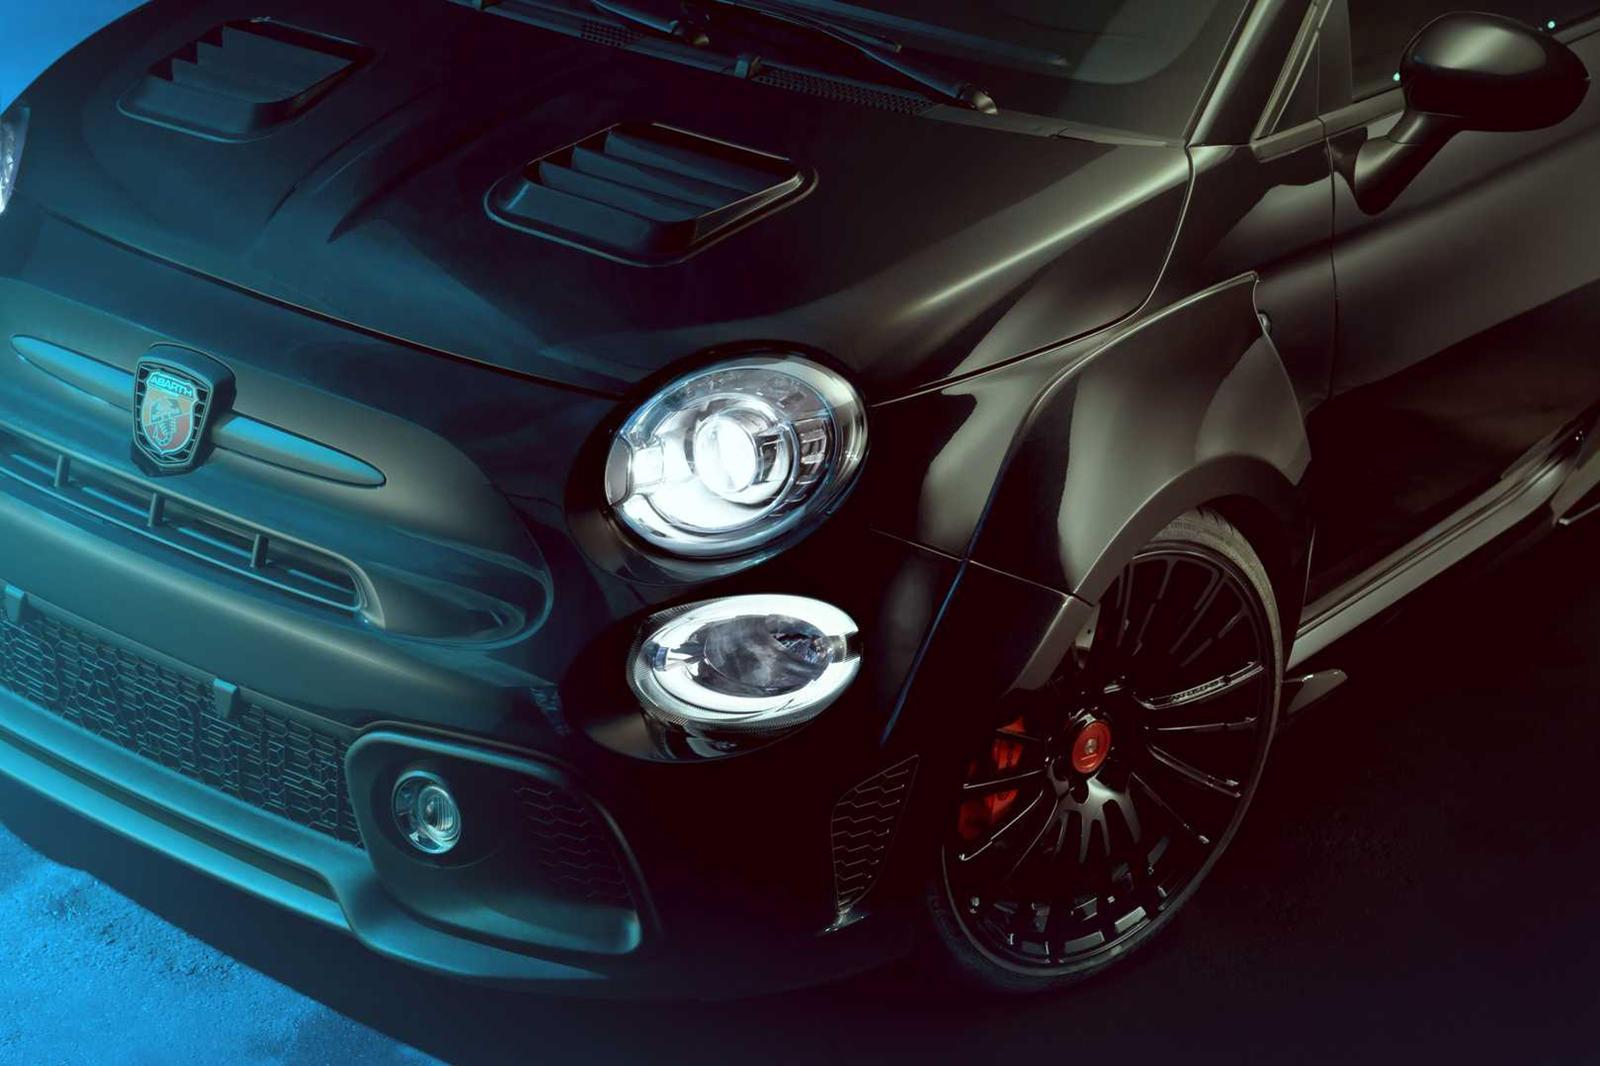 Fiat недавно обновил Abarth 500 для 2021 модельного года в Европе с большей мощностью, но немецкий тюнер Pogea Racing поднял его на новый уровень. Тюнинг-проект окрестили «Hercules».